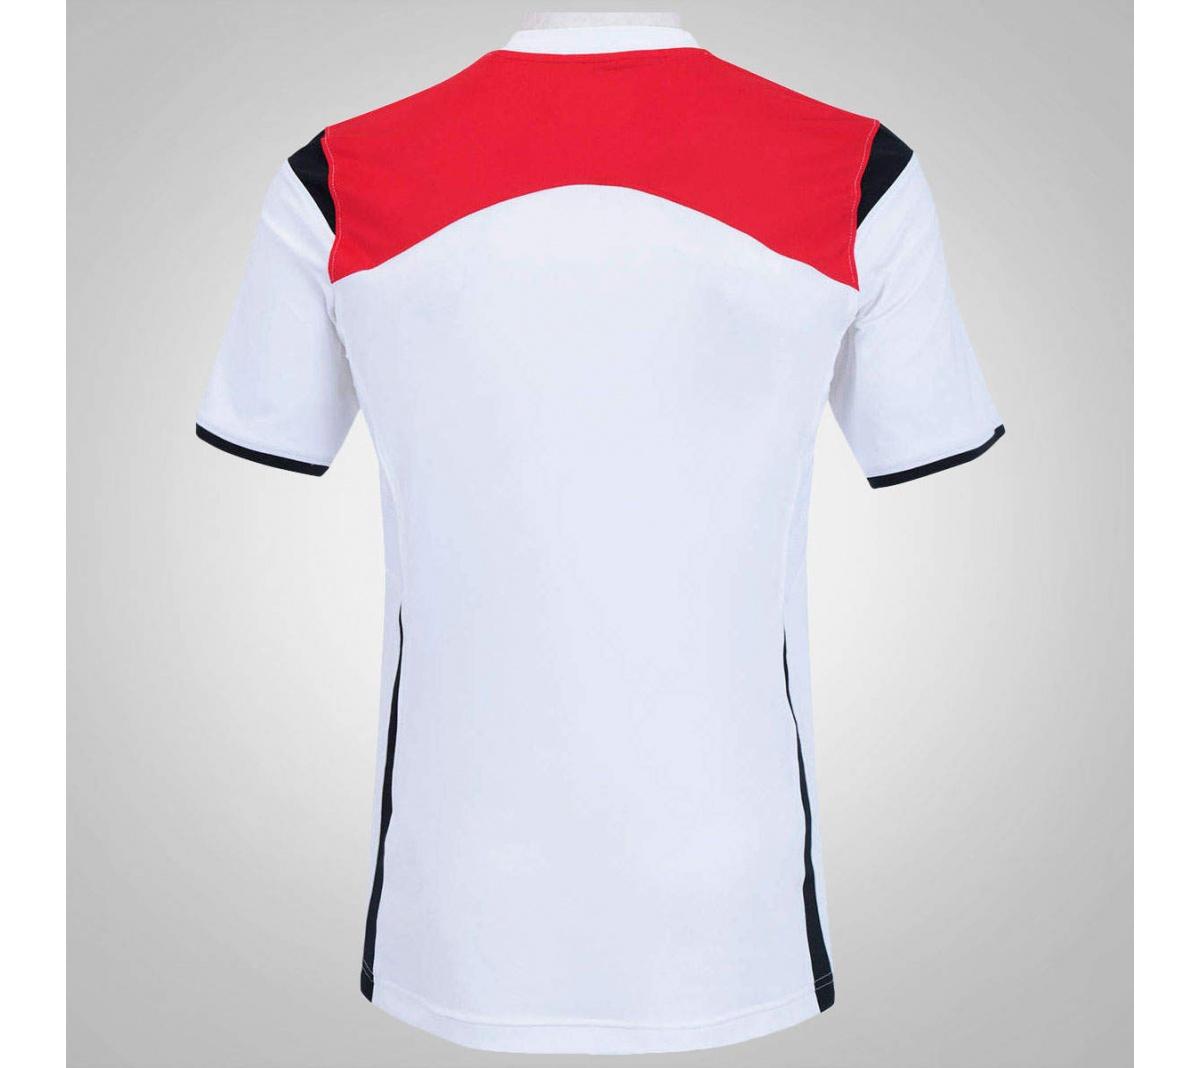 7b84d695c90b9b  Camisa De Treino São Paulo Under Armour Infantil - Mundo do  Futebol a89daf093e184f ... bfc5eed3306c6